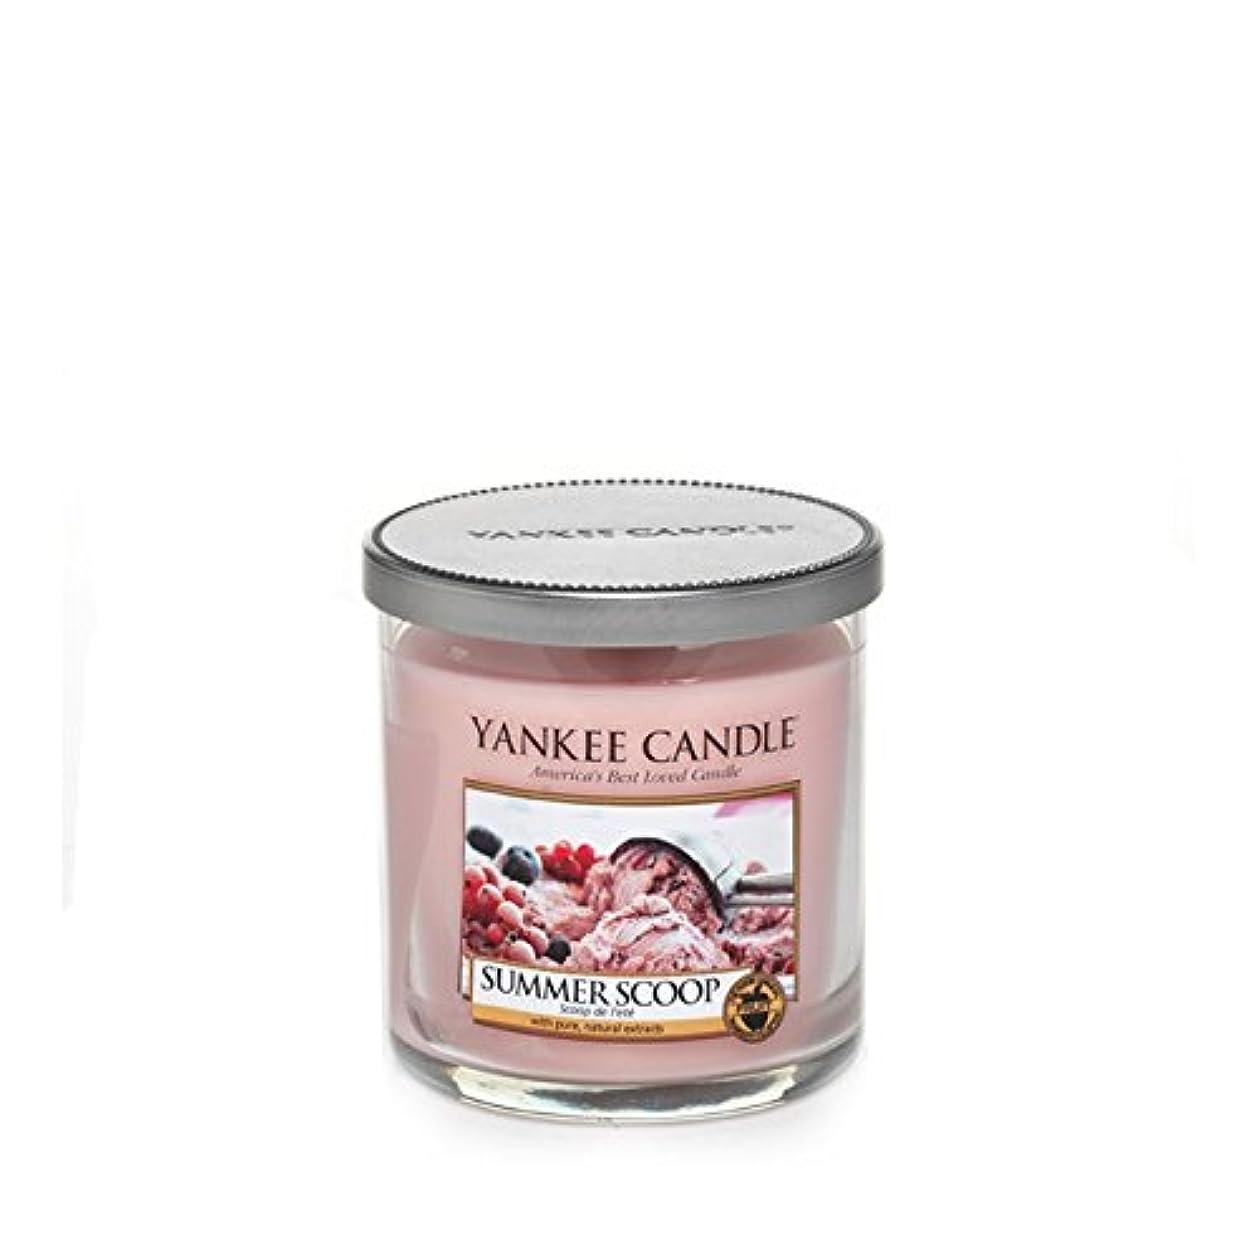 ビルマ縁スタジアムヤンキーキャンドルの小さな柱キャンドル - 夏のスクープ - Yankee Candles Small Pillar Candle - Summer Scoop (Yankee Candles) [並行輸入品]